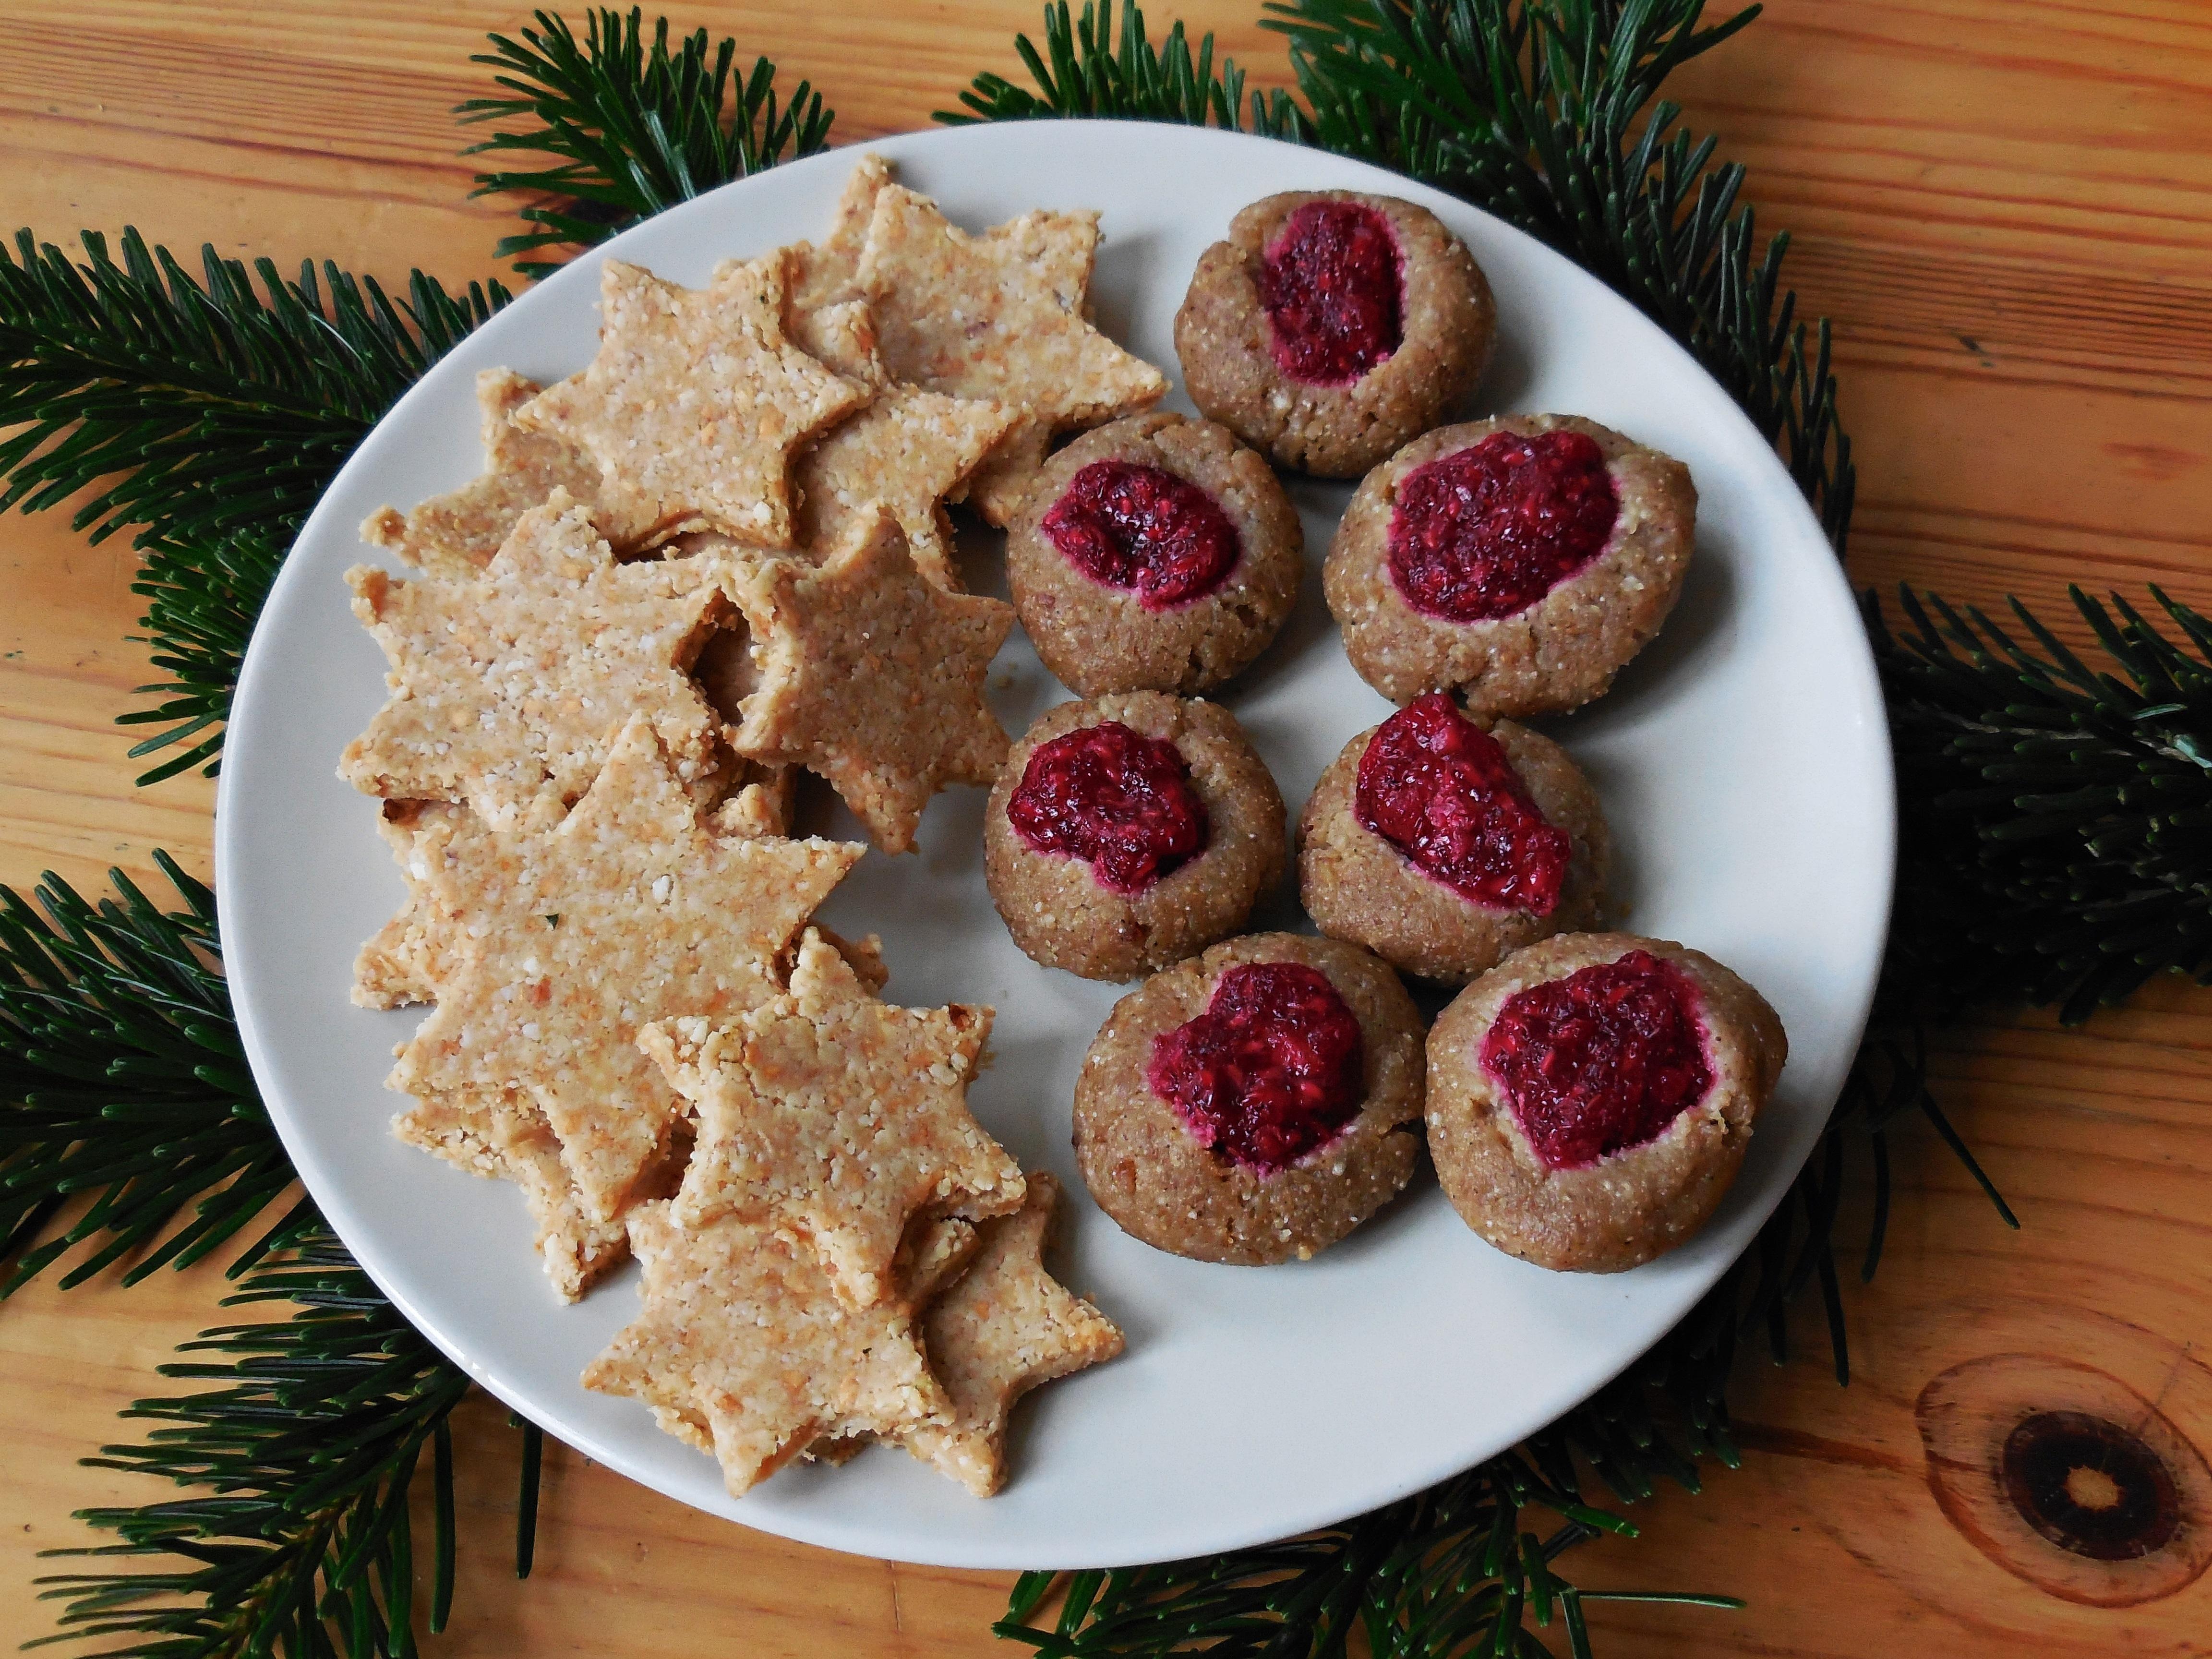 Weihnachtskekse Engelsaugen.Rohkost Rezept Köstliche Weihnachtskekse Nordisch Roh